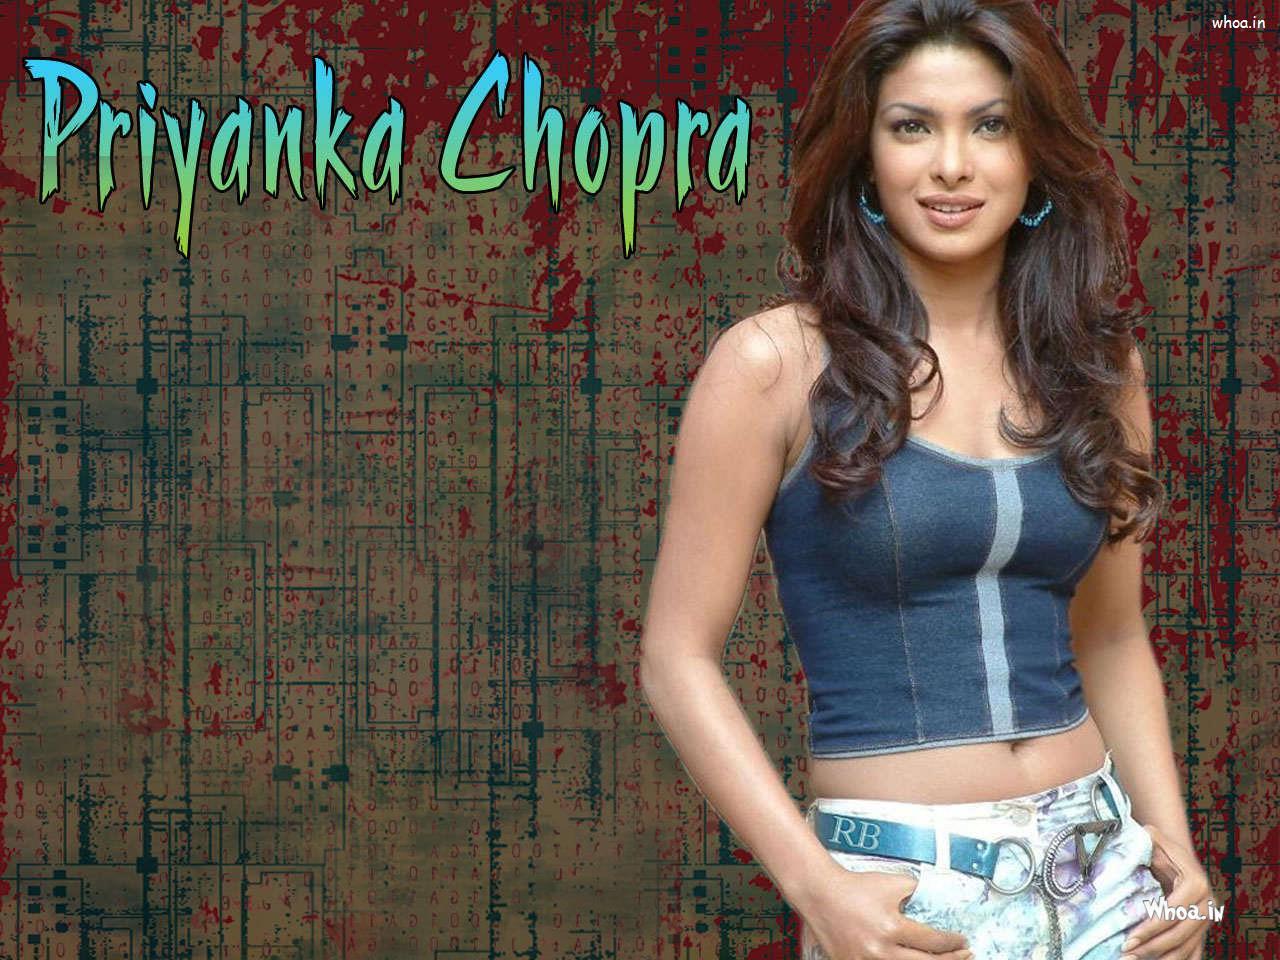 priyanka chopra hot and bold pose hd wallpaper